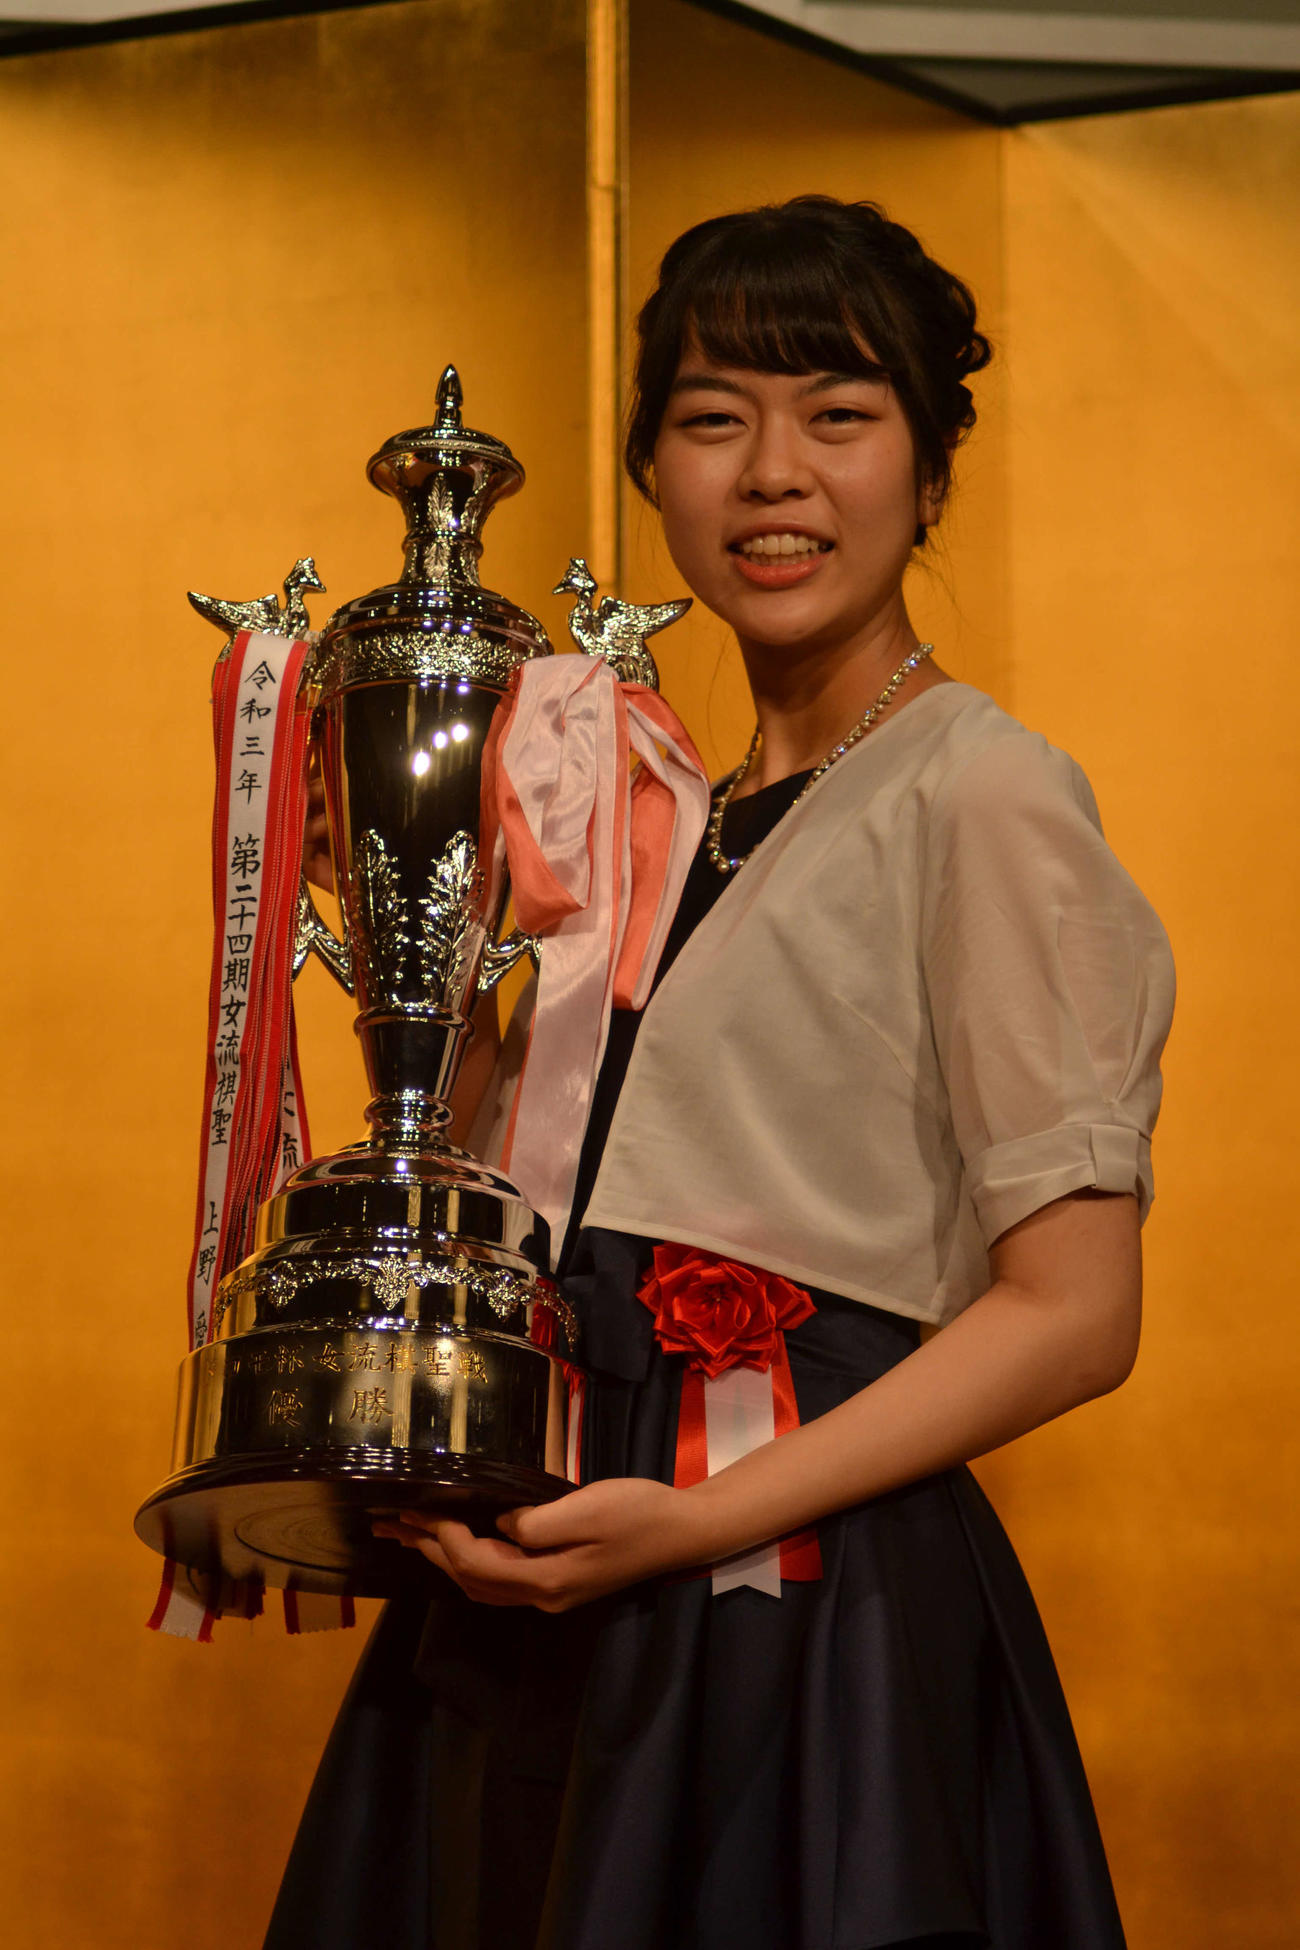 囲碁「第24期ドコモ杯女流棋聖就位式」で「ドコモ杯」を手にする上野愛咲美女流棋聖